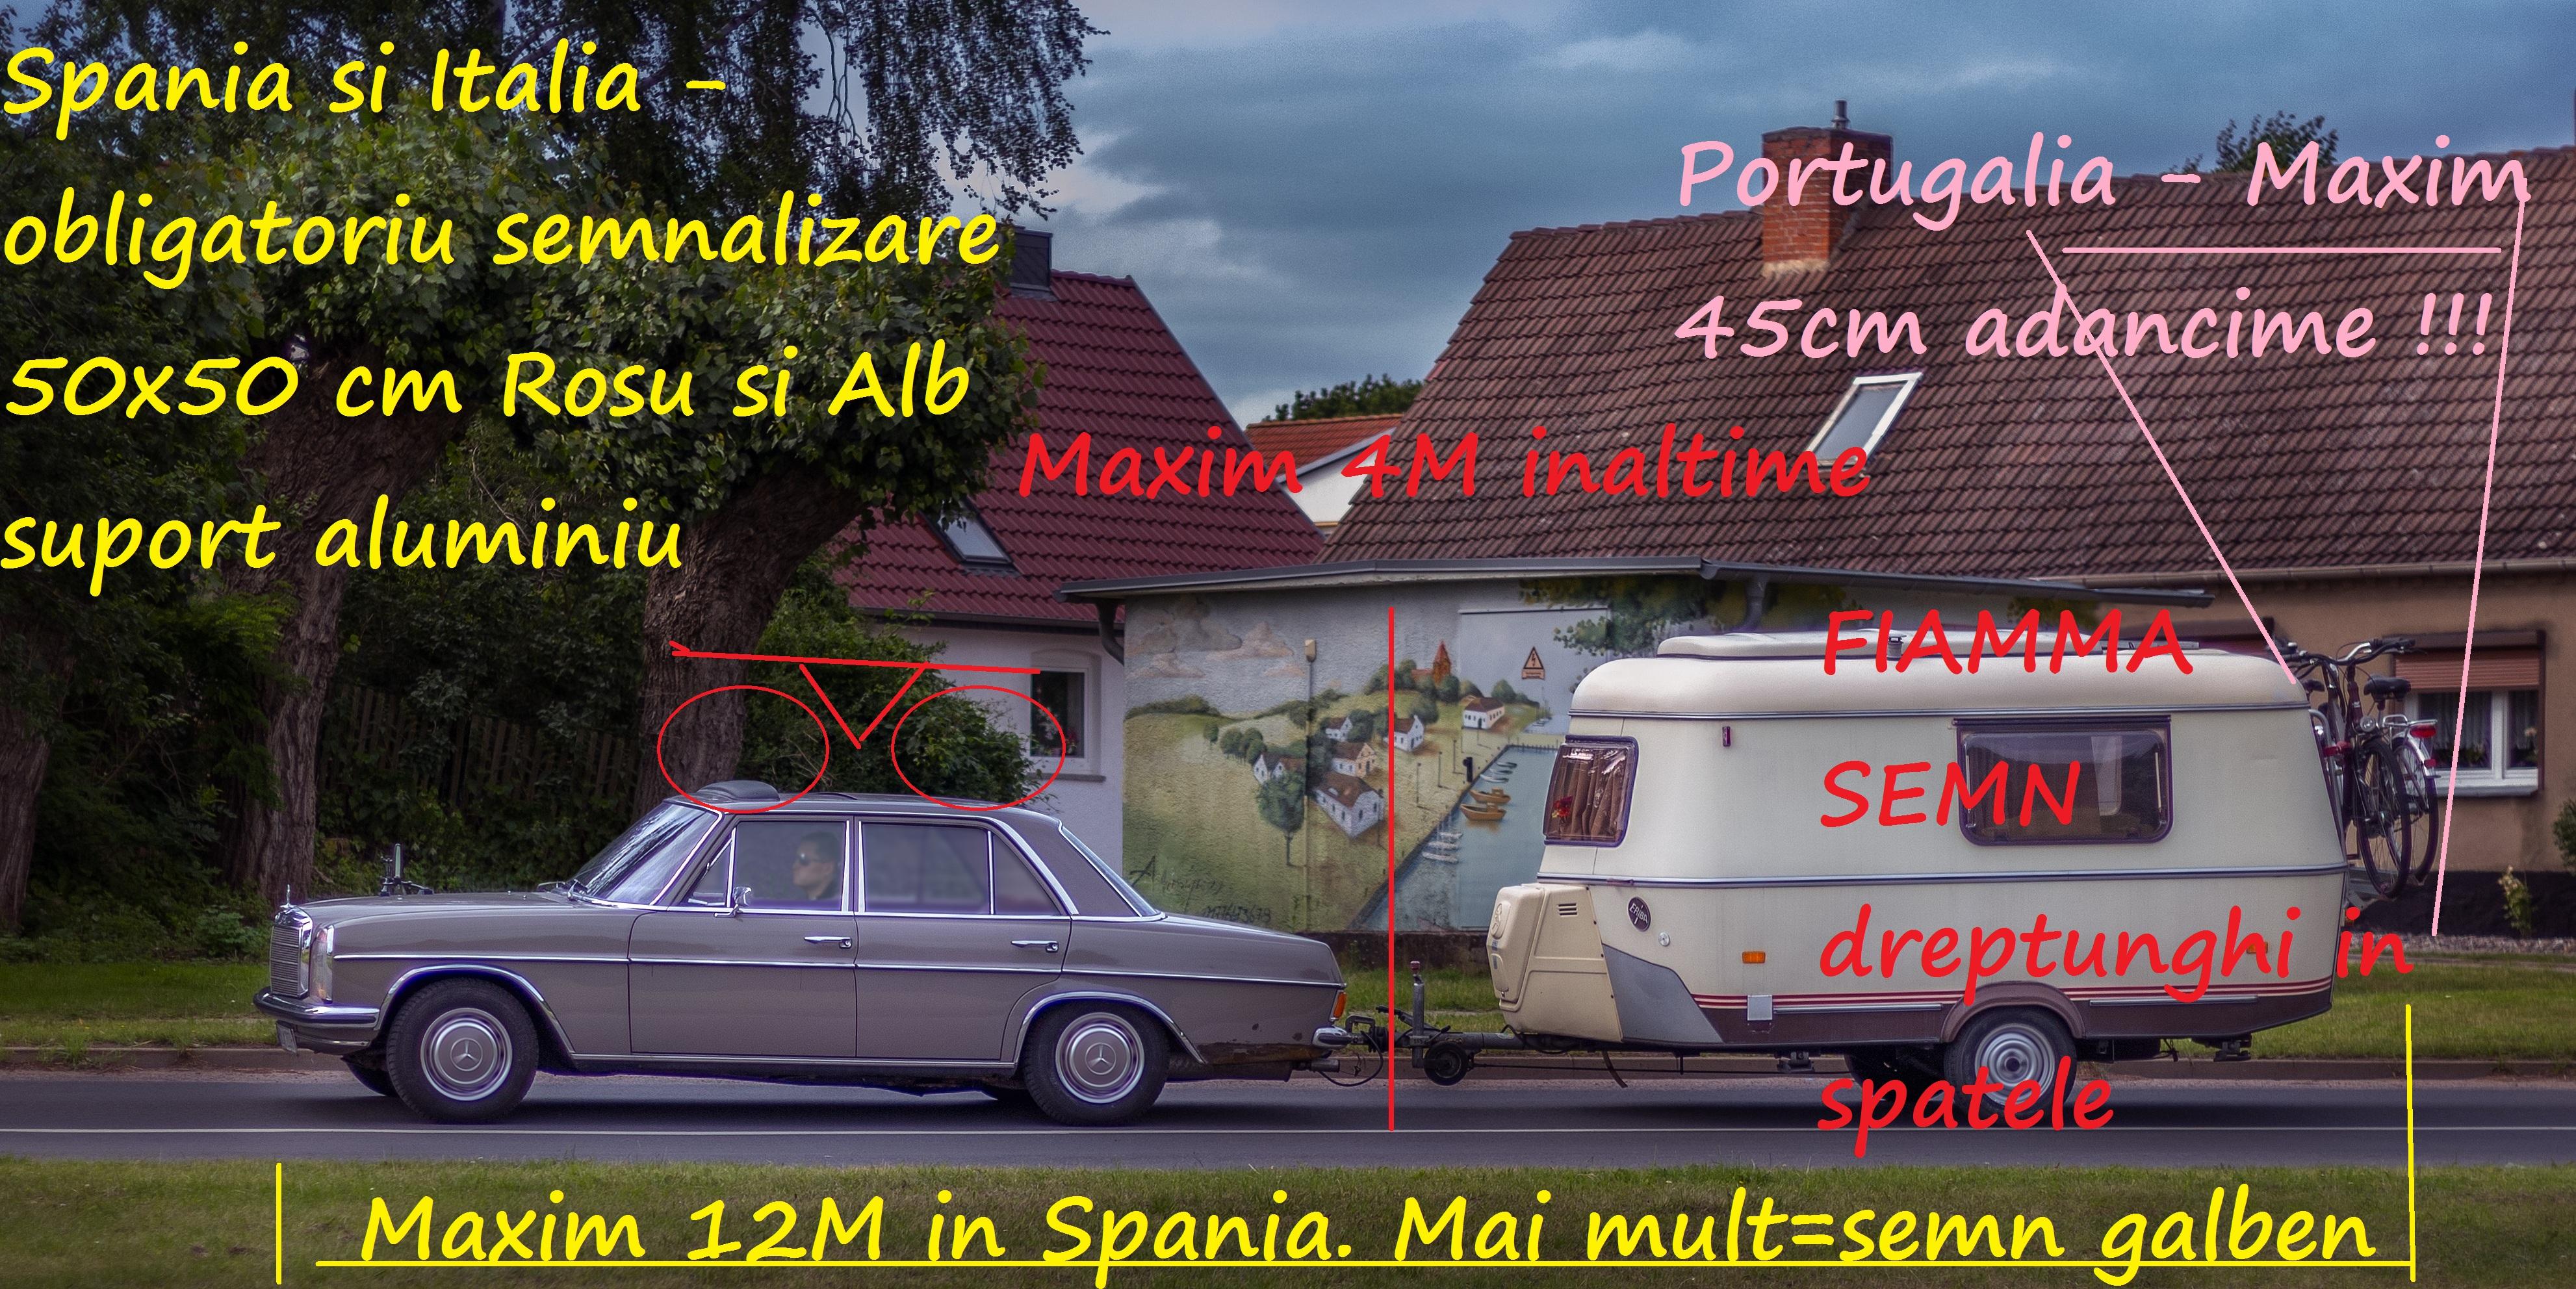 regulament speciala Portugalia Spania si Italia.jpg